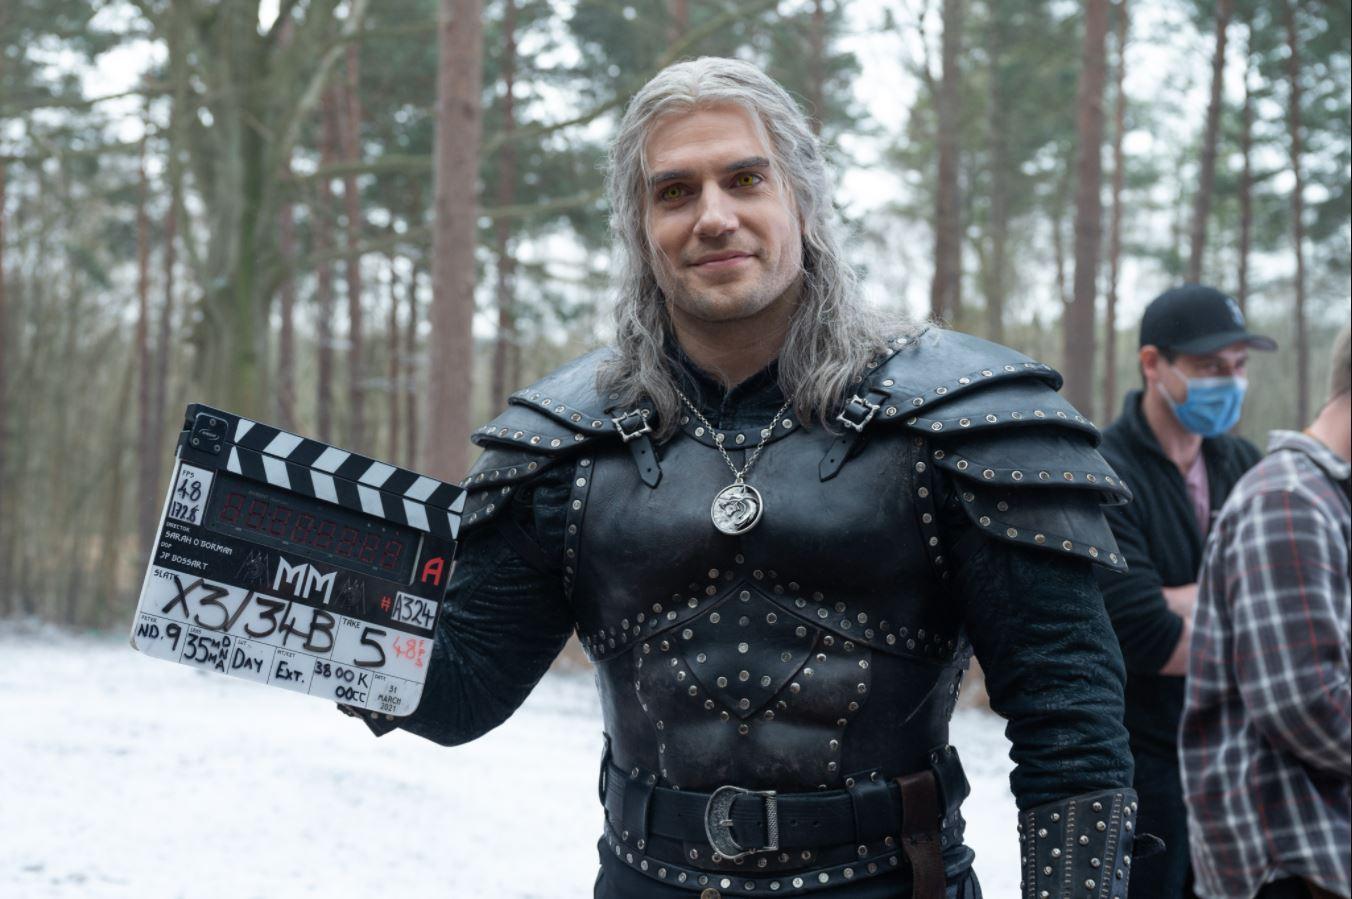 Henry Cavill a récemment complété le tournage de la deuxième saison de The Witcher qui prendra l'affiche plus tard cette année